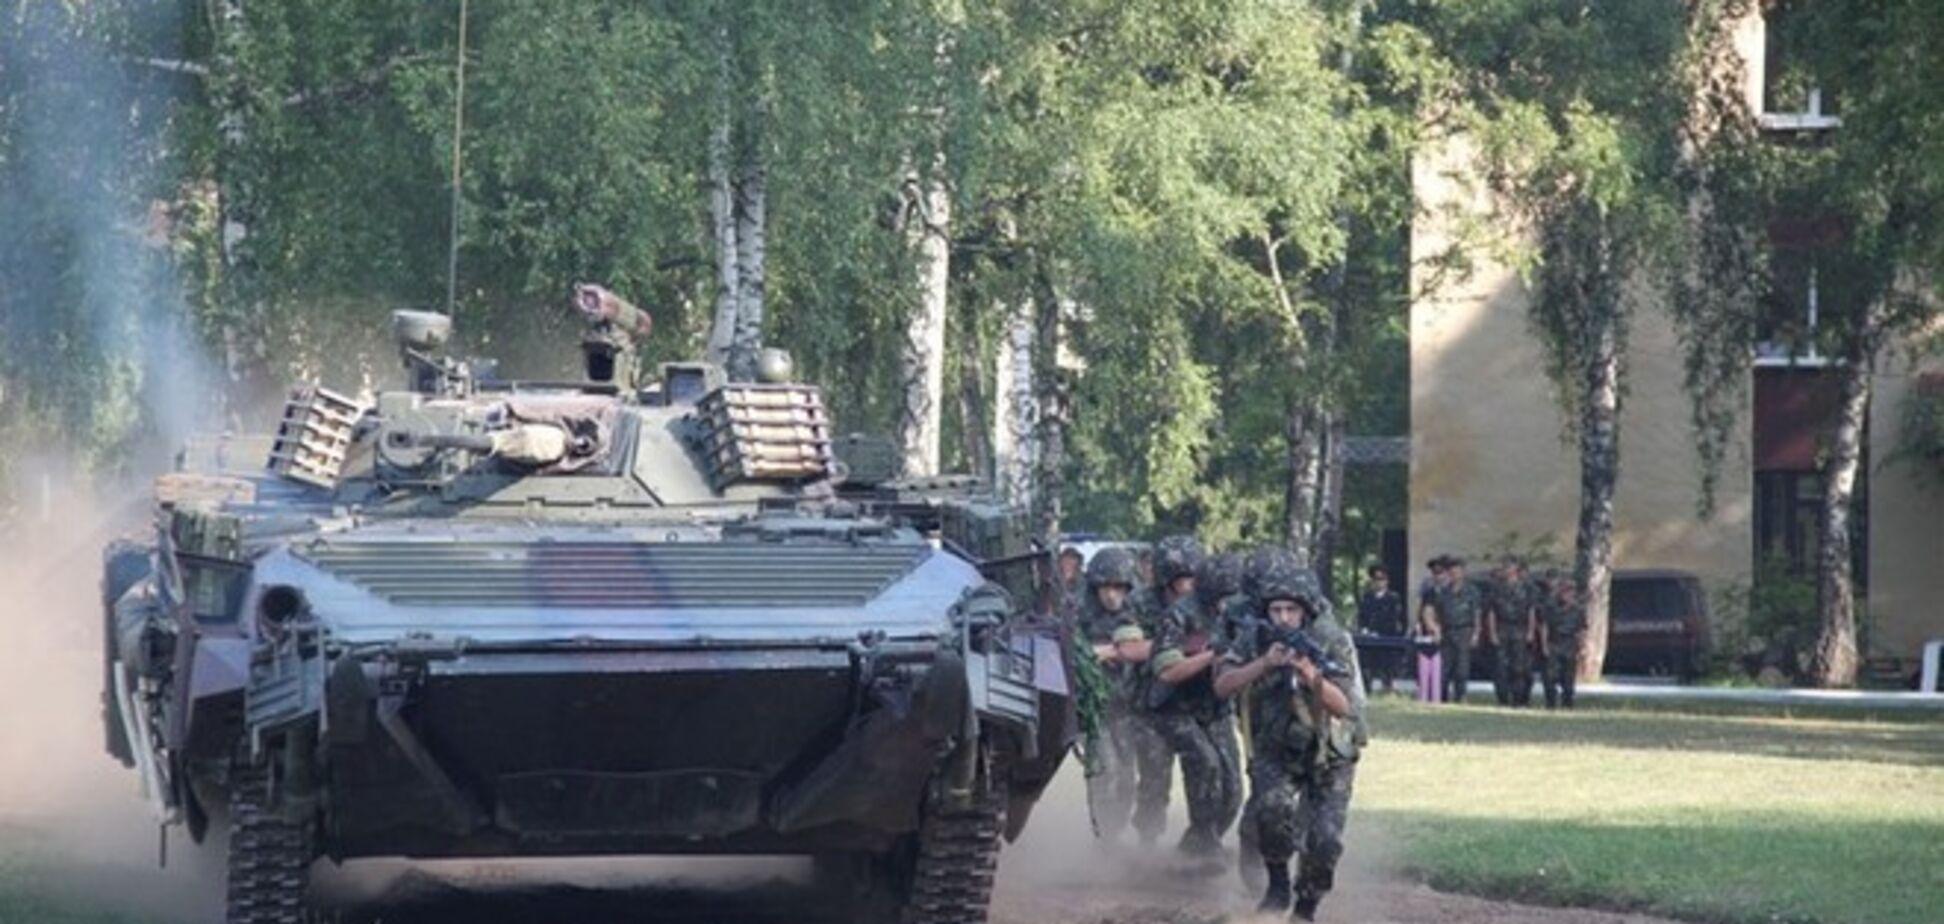 Информация о гибели 20 бойцов из 24 механизированной бригады не подтвердилась - источник